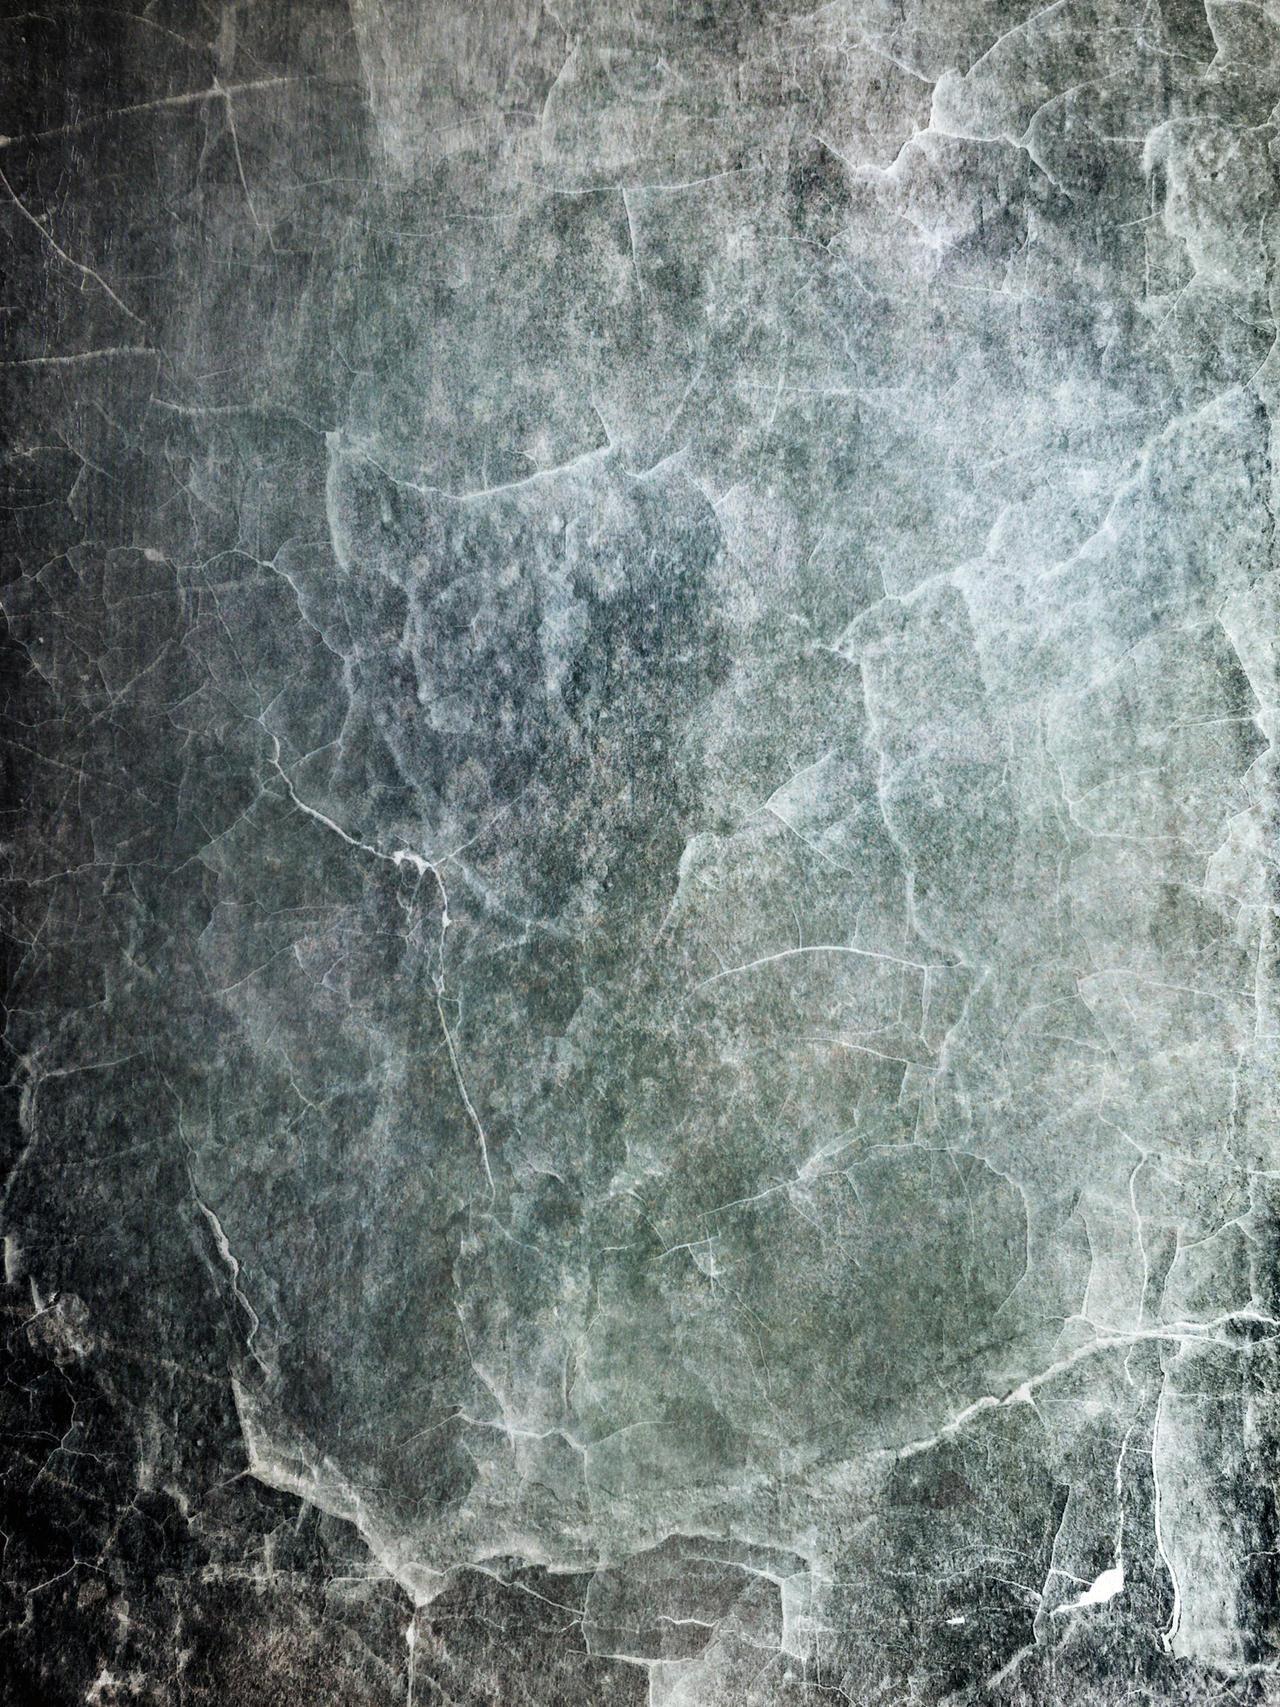 texture 112 by Sirius-sdz